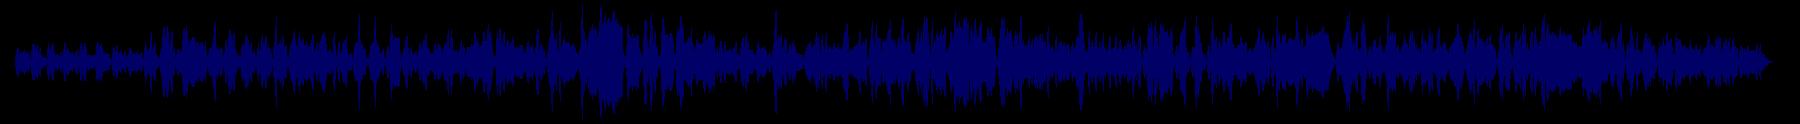 waveform of track #38850